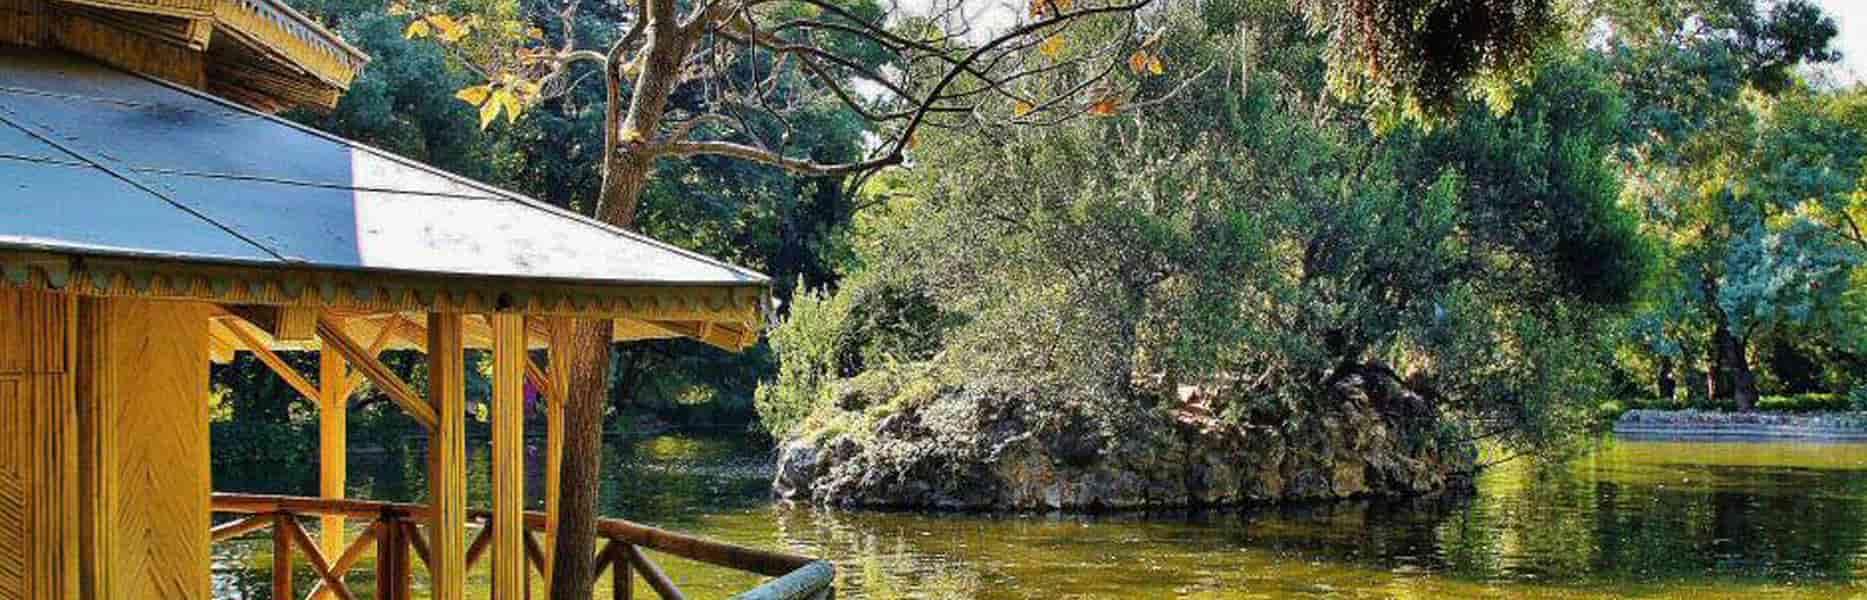 parques poco concurridos madrid